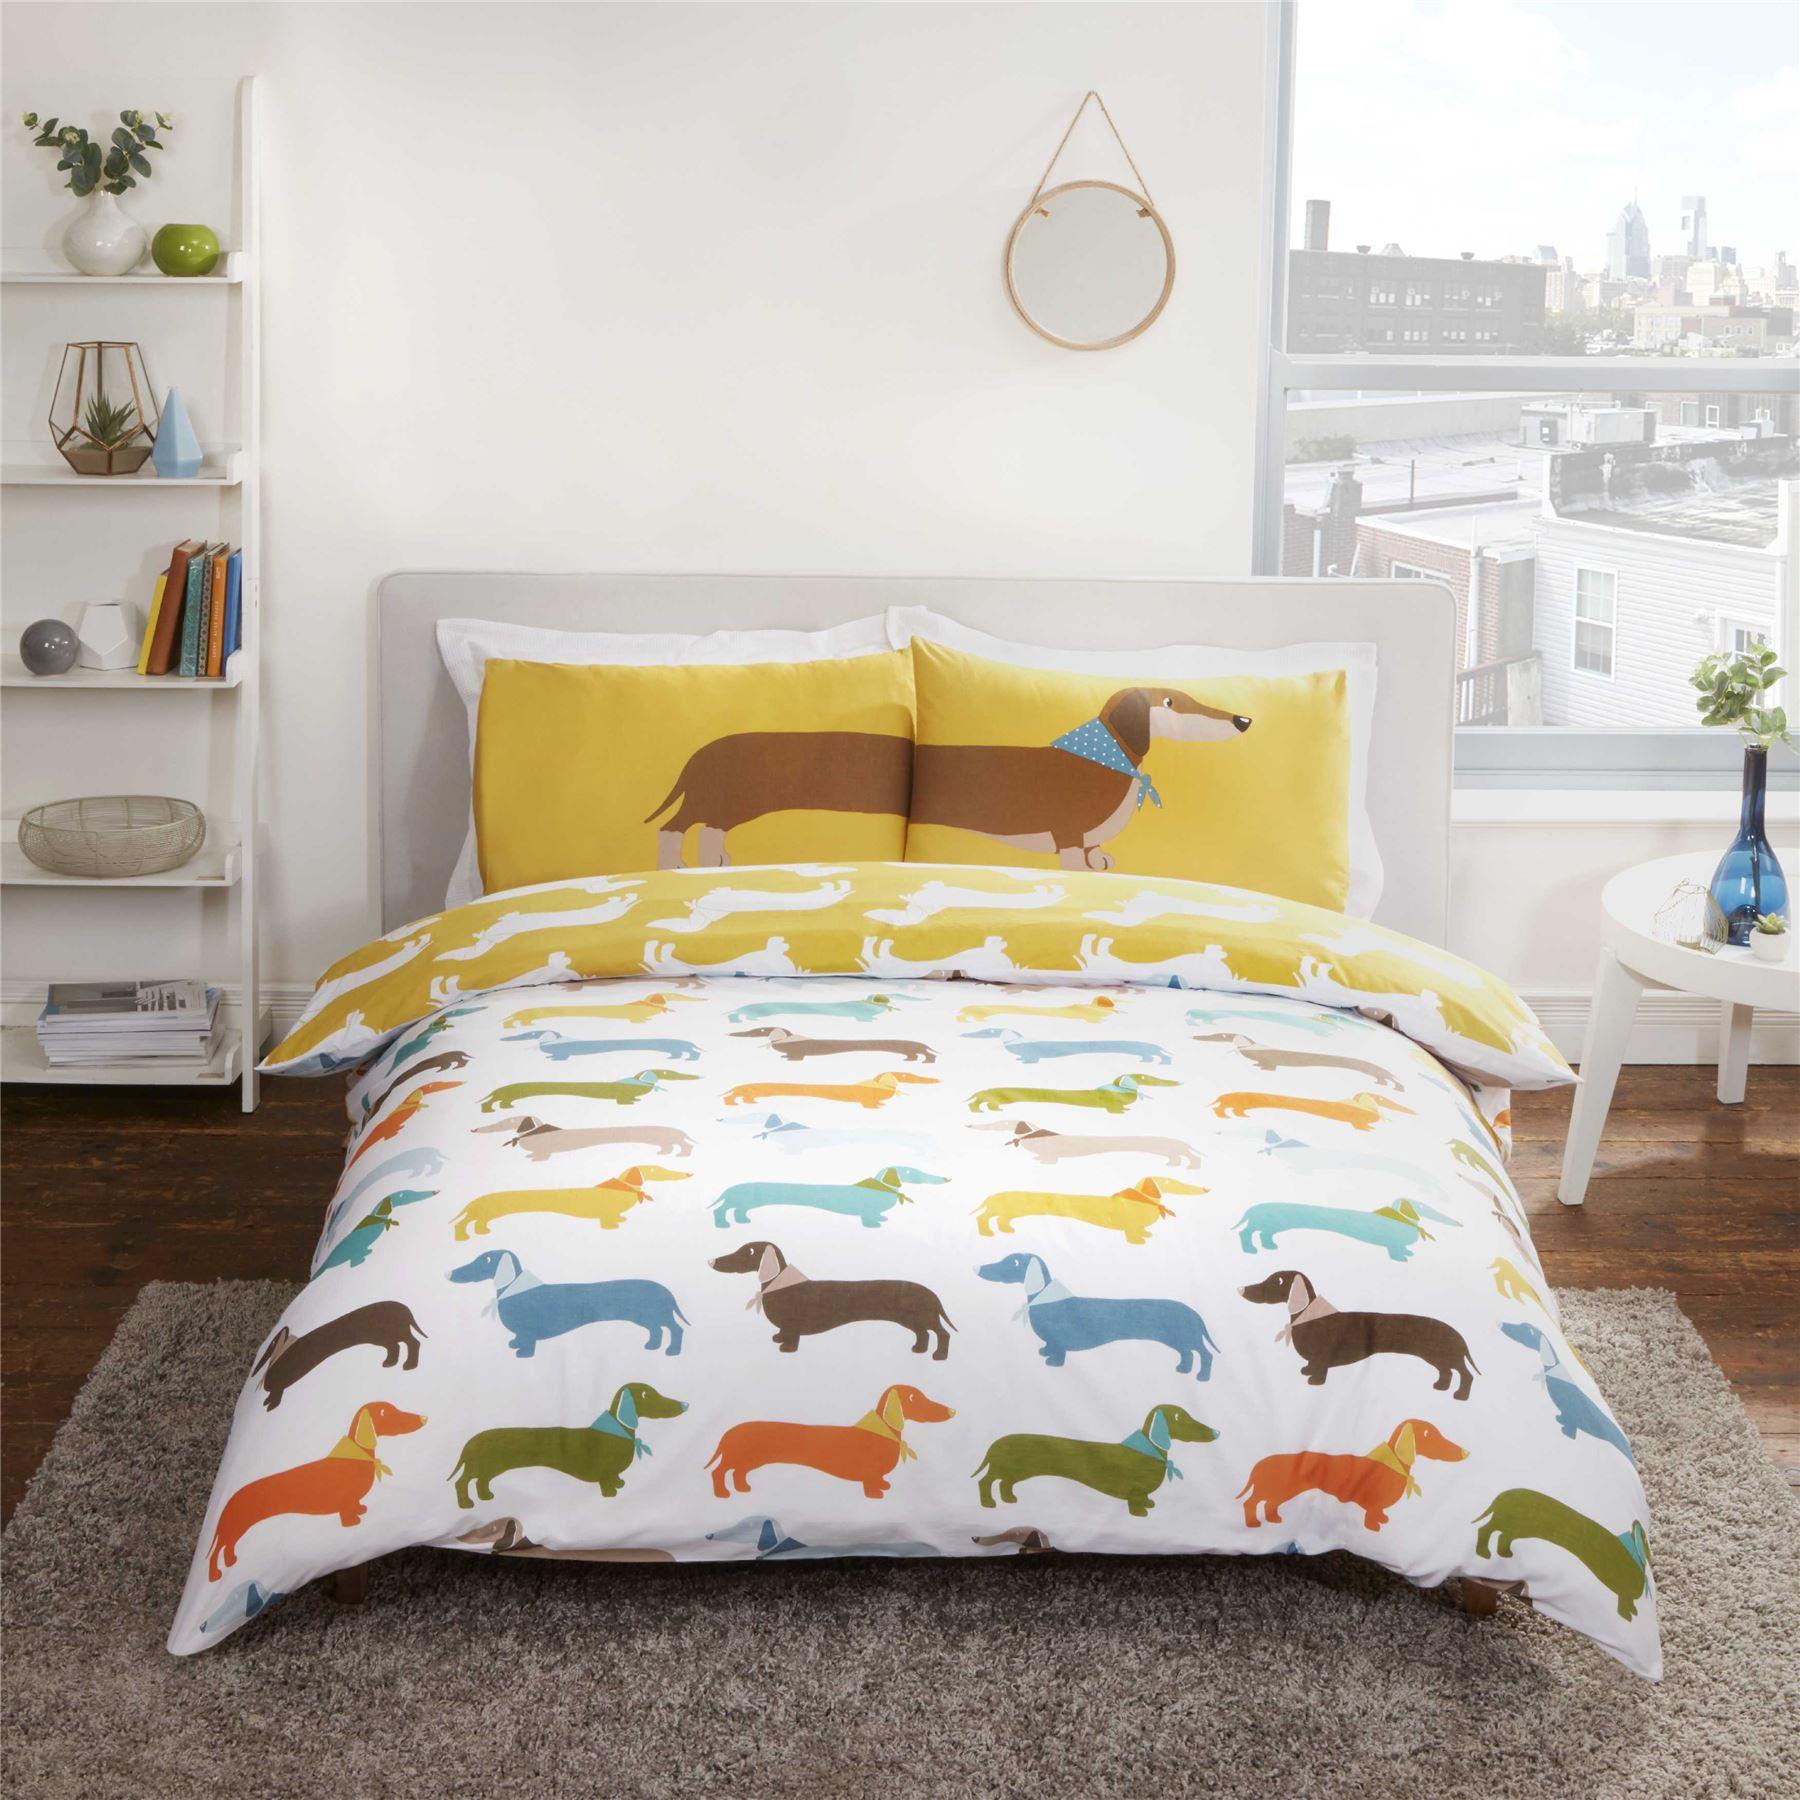 Ansprechend Bett Teenager Dekoration Von Funky-teenager-steppdecke-bettbezug-amp-kissenbezug-betten-bett-